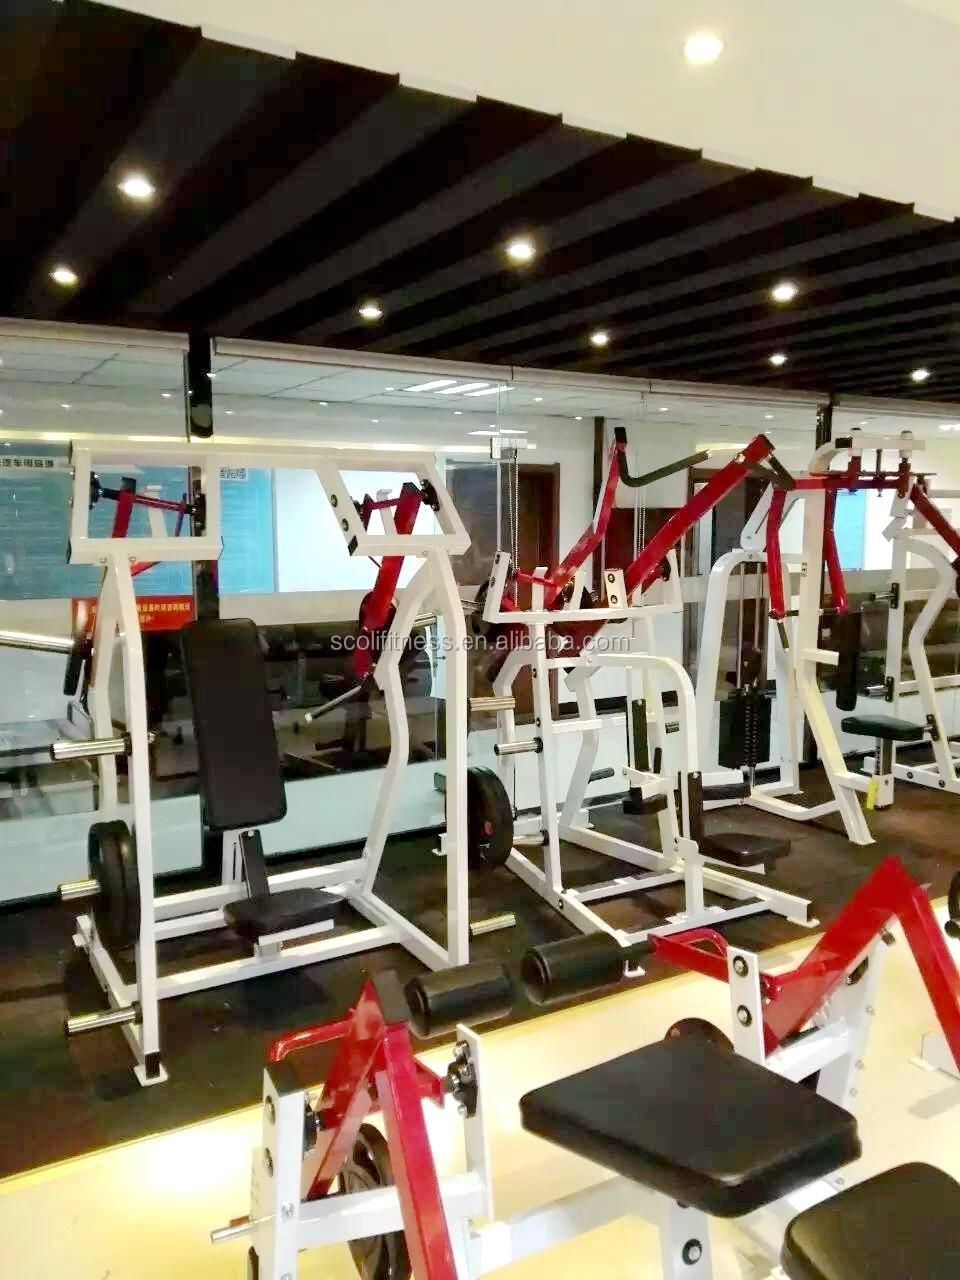 Hammer Strength Fitness Equipment Gym Machine Adjustment Bench - Buy Gym  Machine,Hammer Strength Fitness Equipment,Adjustment Bench Product on